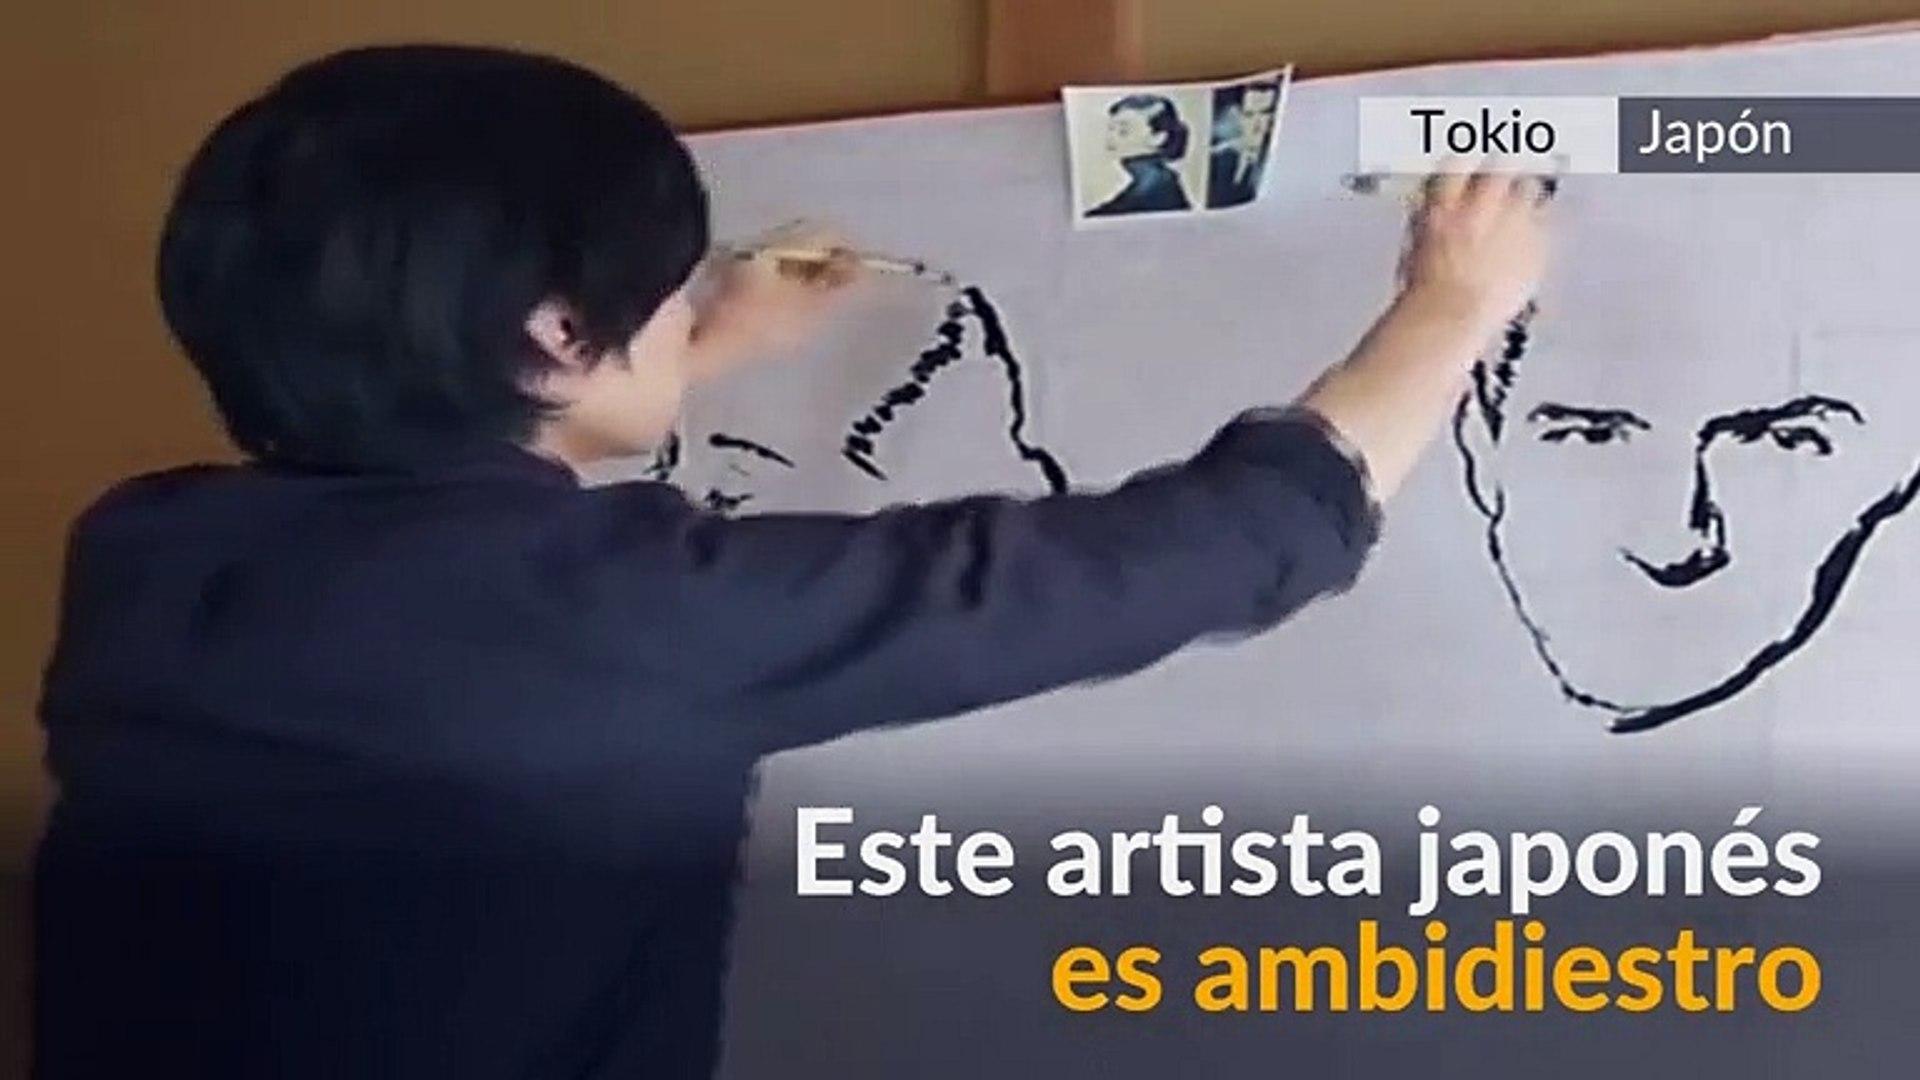 ¡Talento doble! El artista que pinta dos imágenes al tiempo